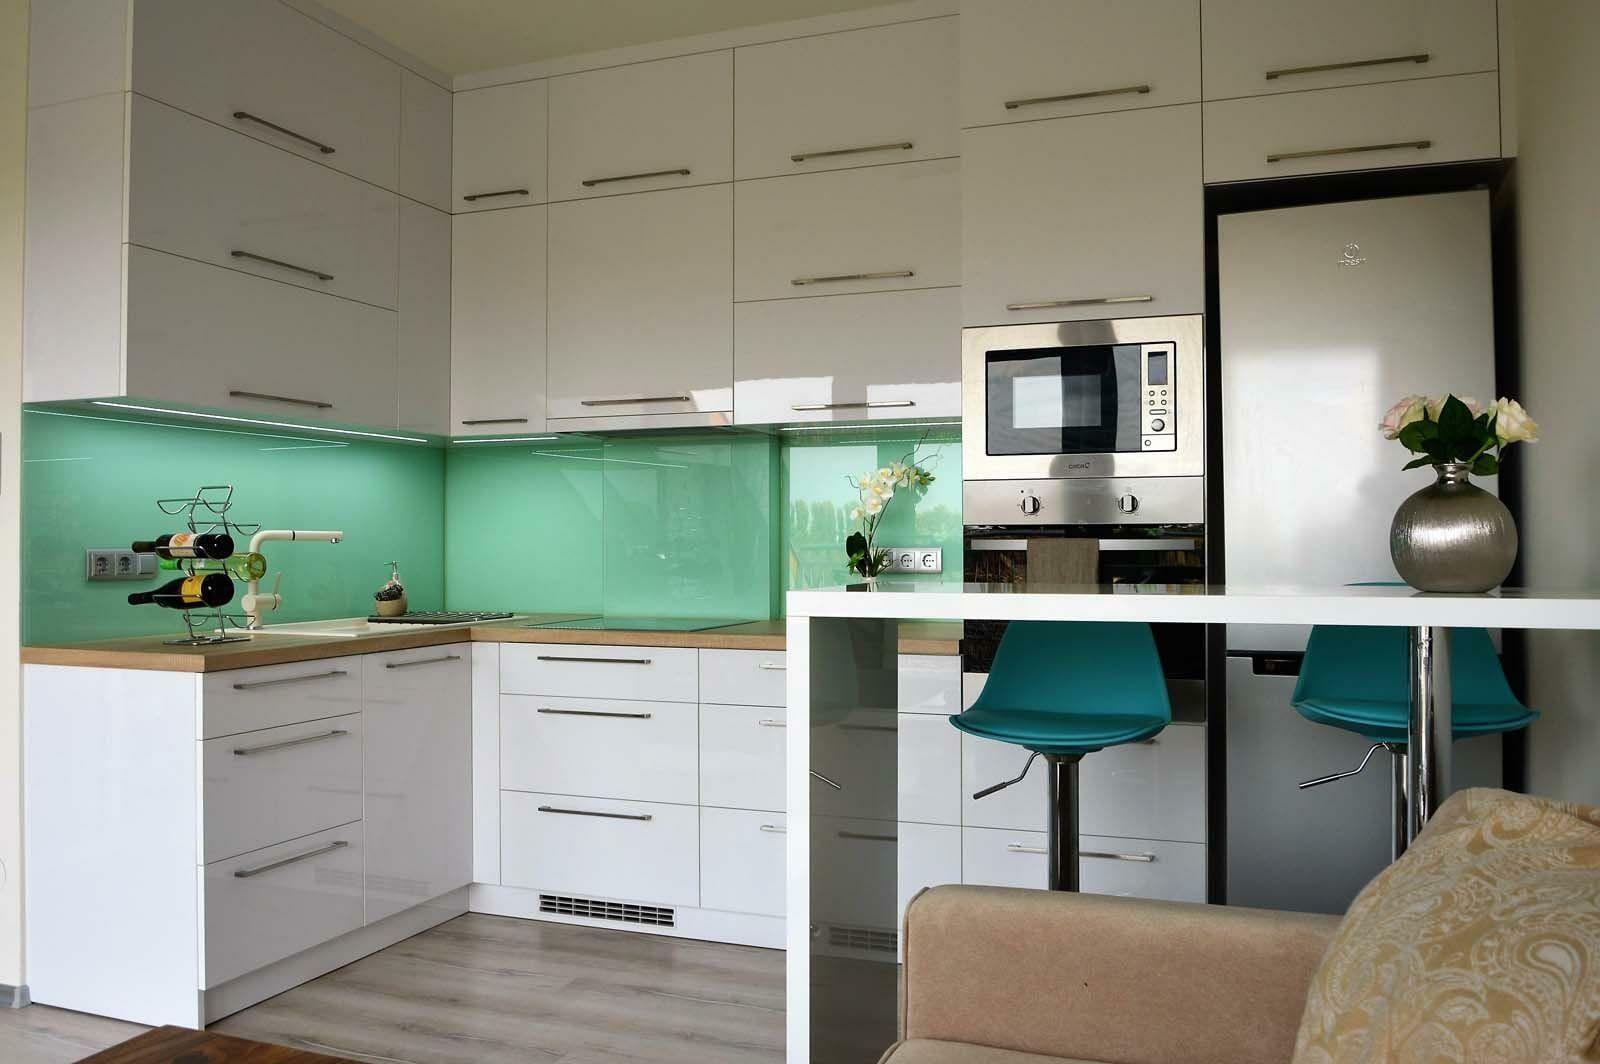 Egyedi konyhabútor készítés magasfényű akril felületű bútorlapból üveghátlappal, rejtett LED világítással, minden rendelkezésre álló hely kihasználásával